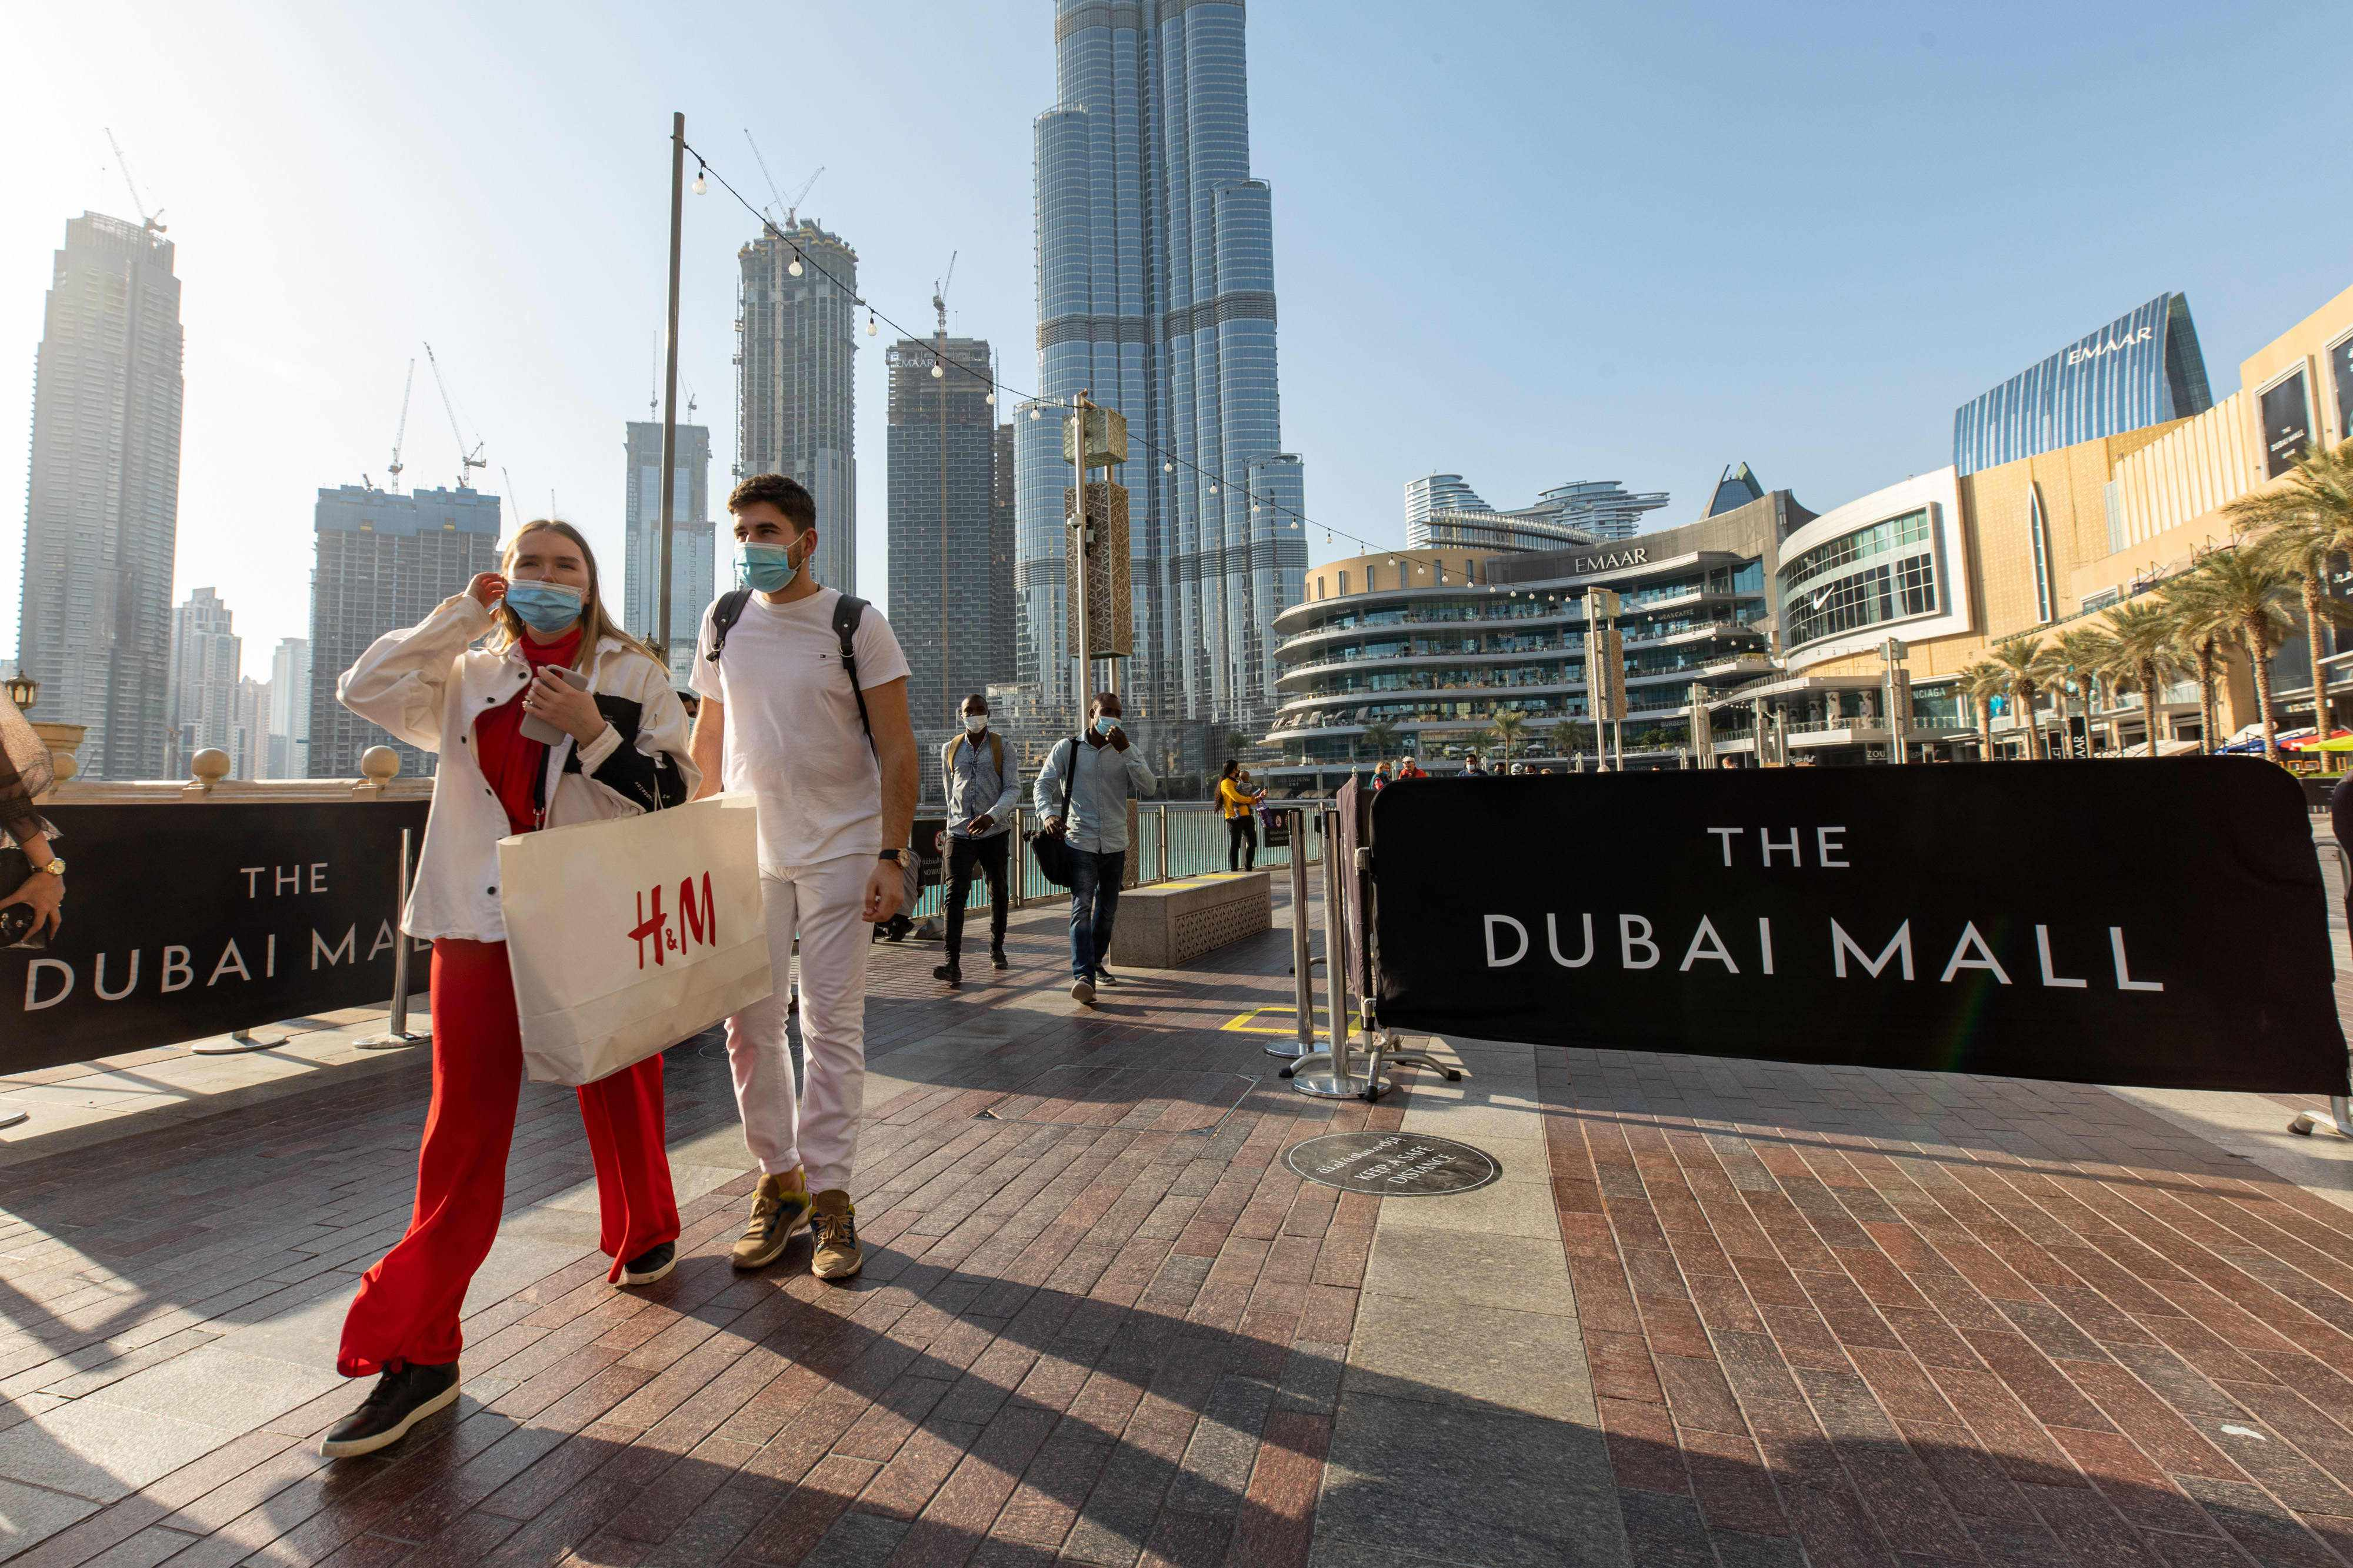 UK uae travel emirates chairman